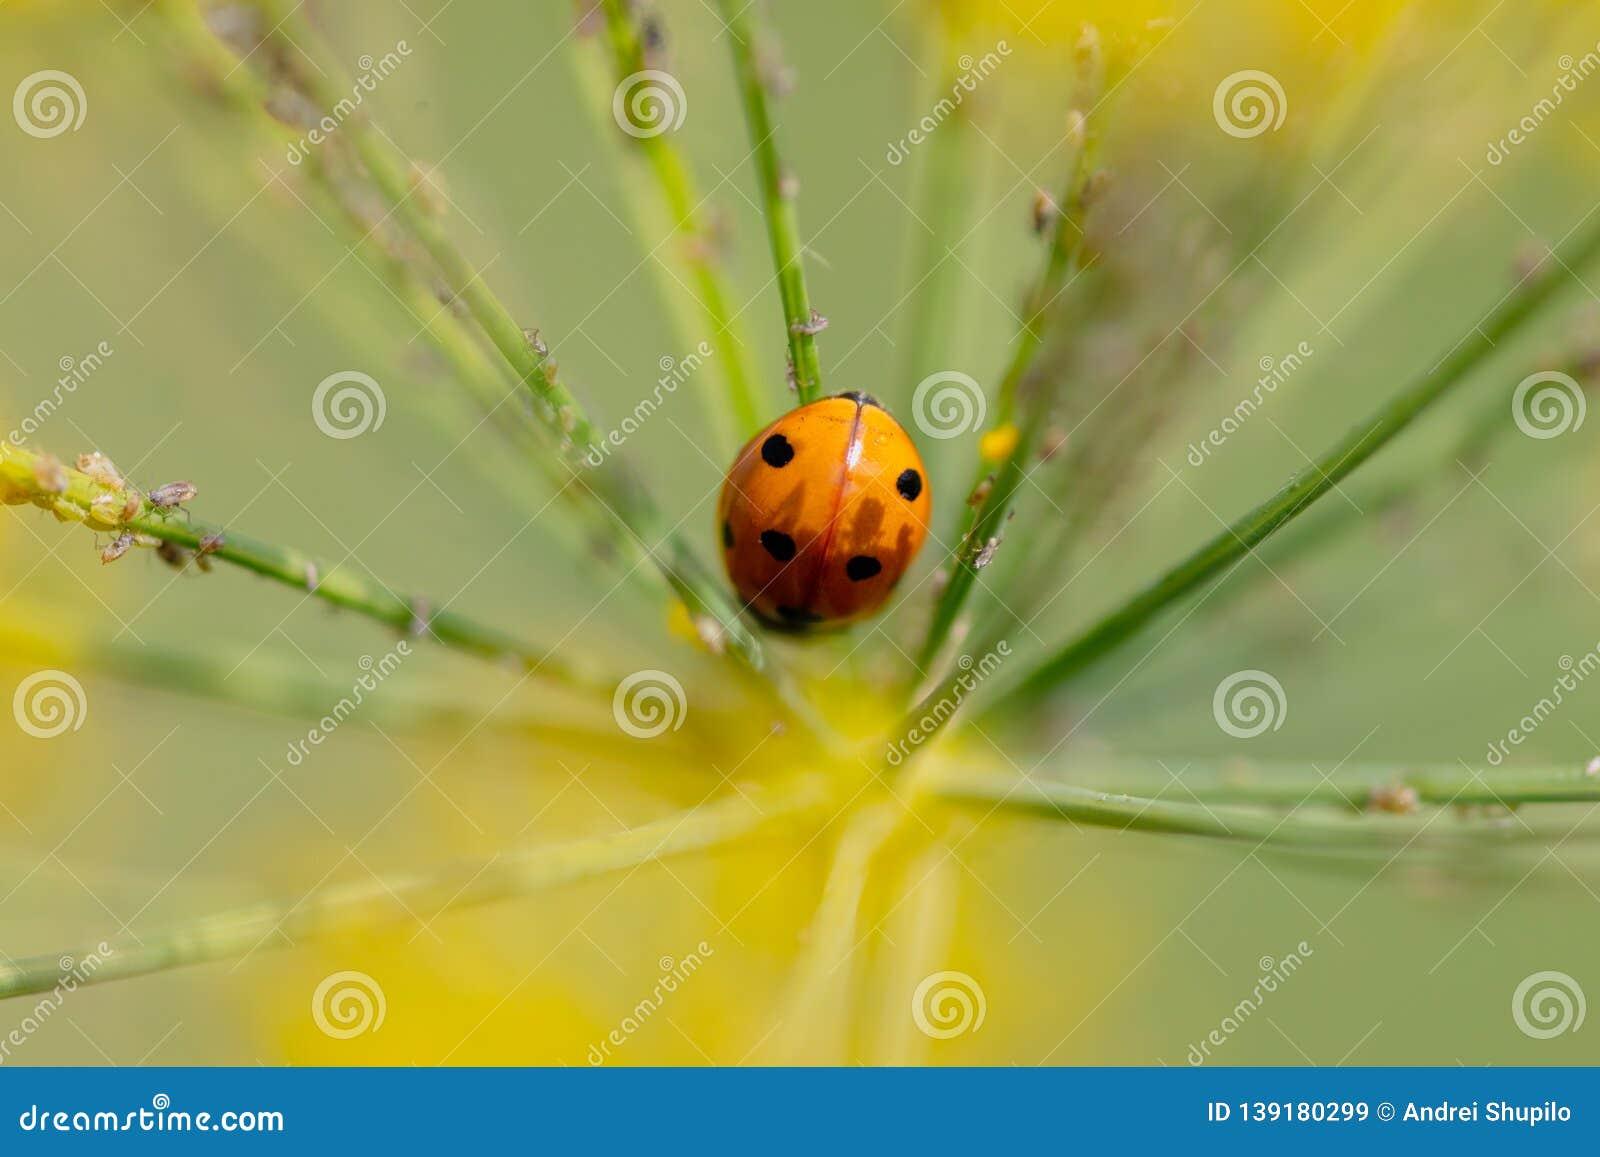 Joaninha em uma planta no verão